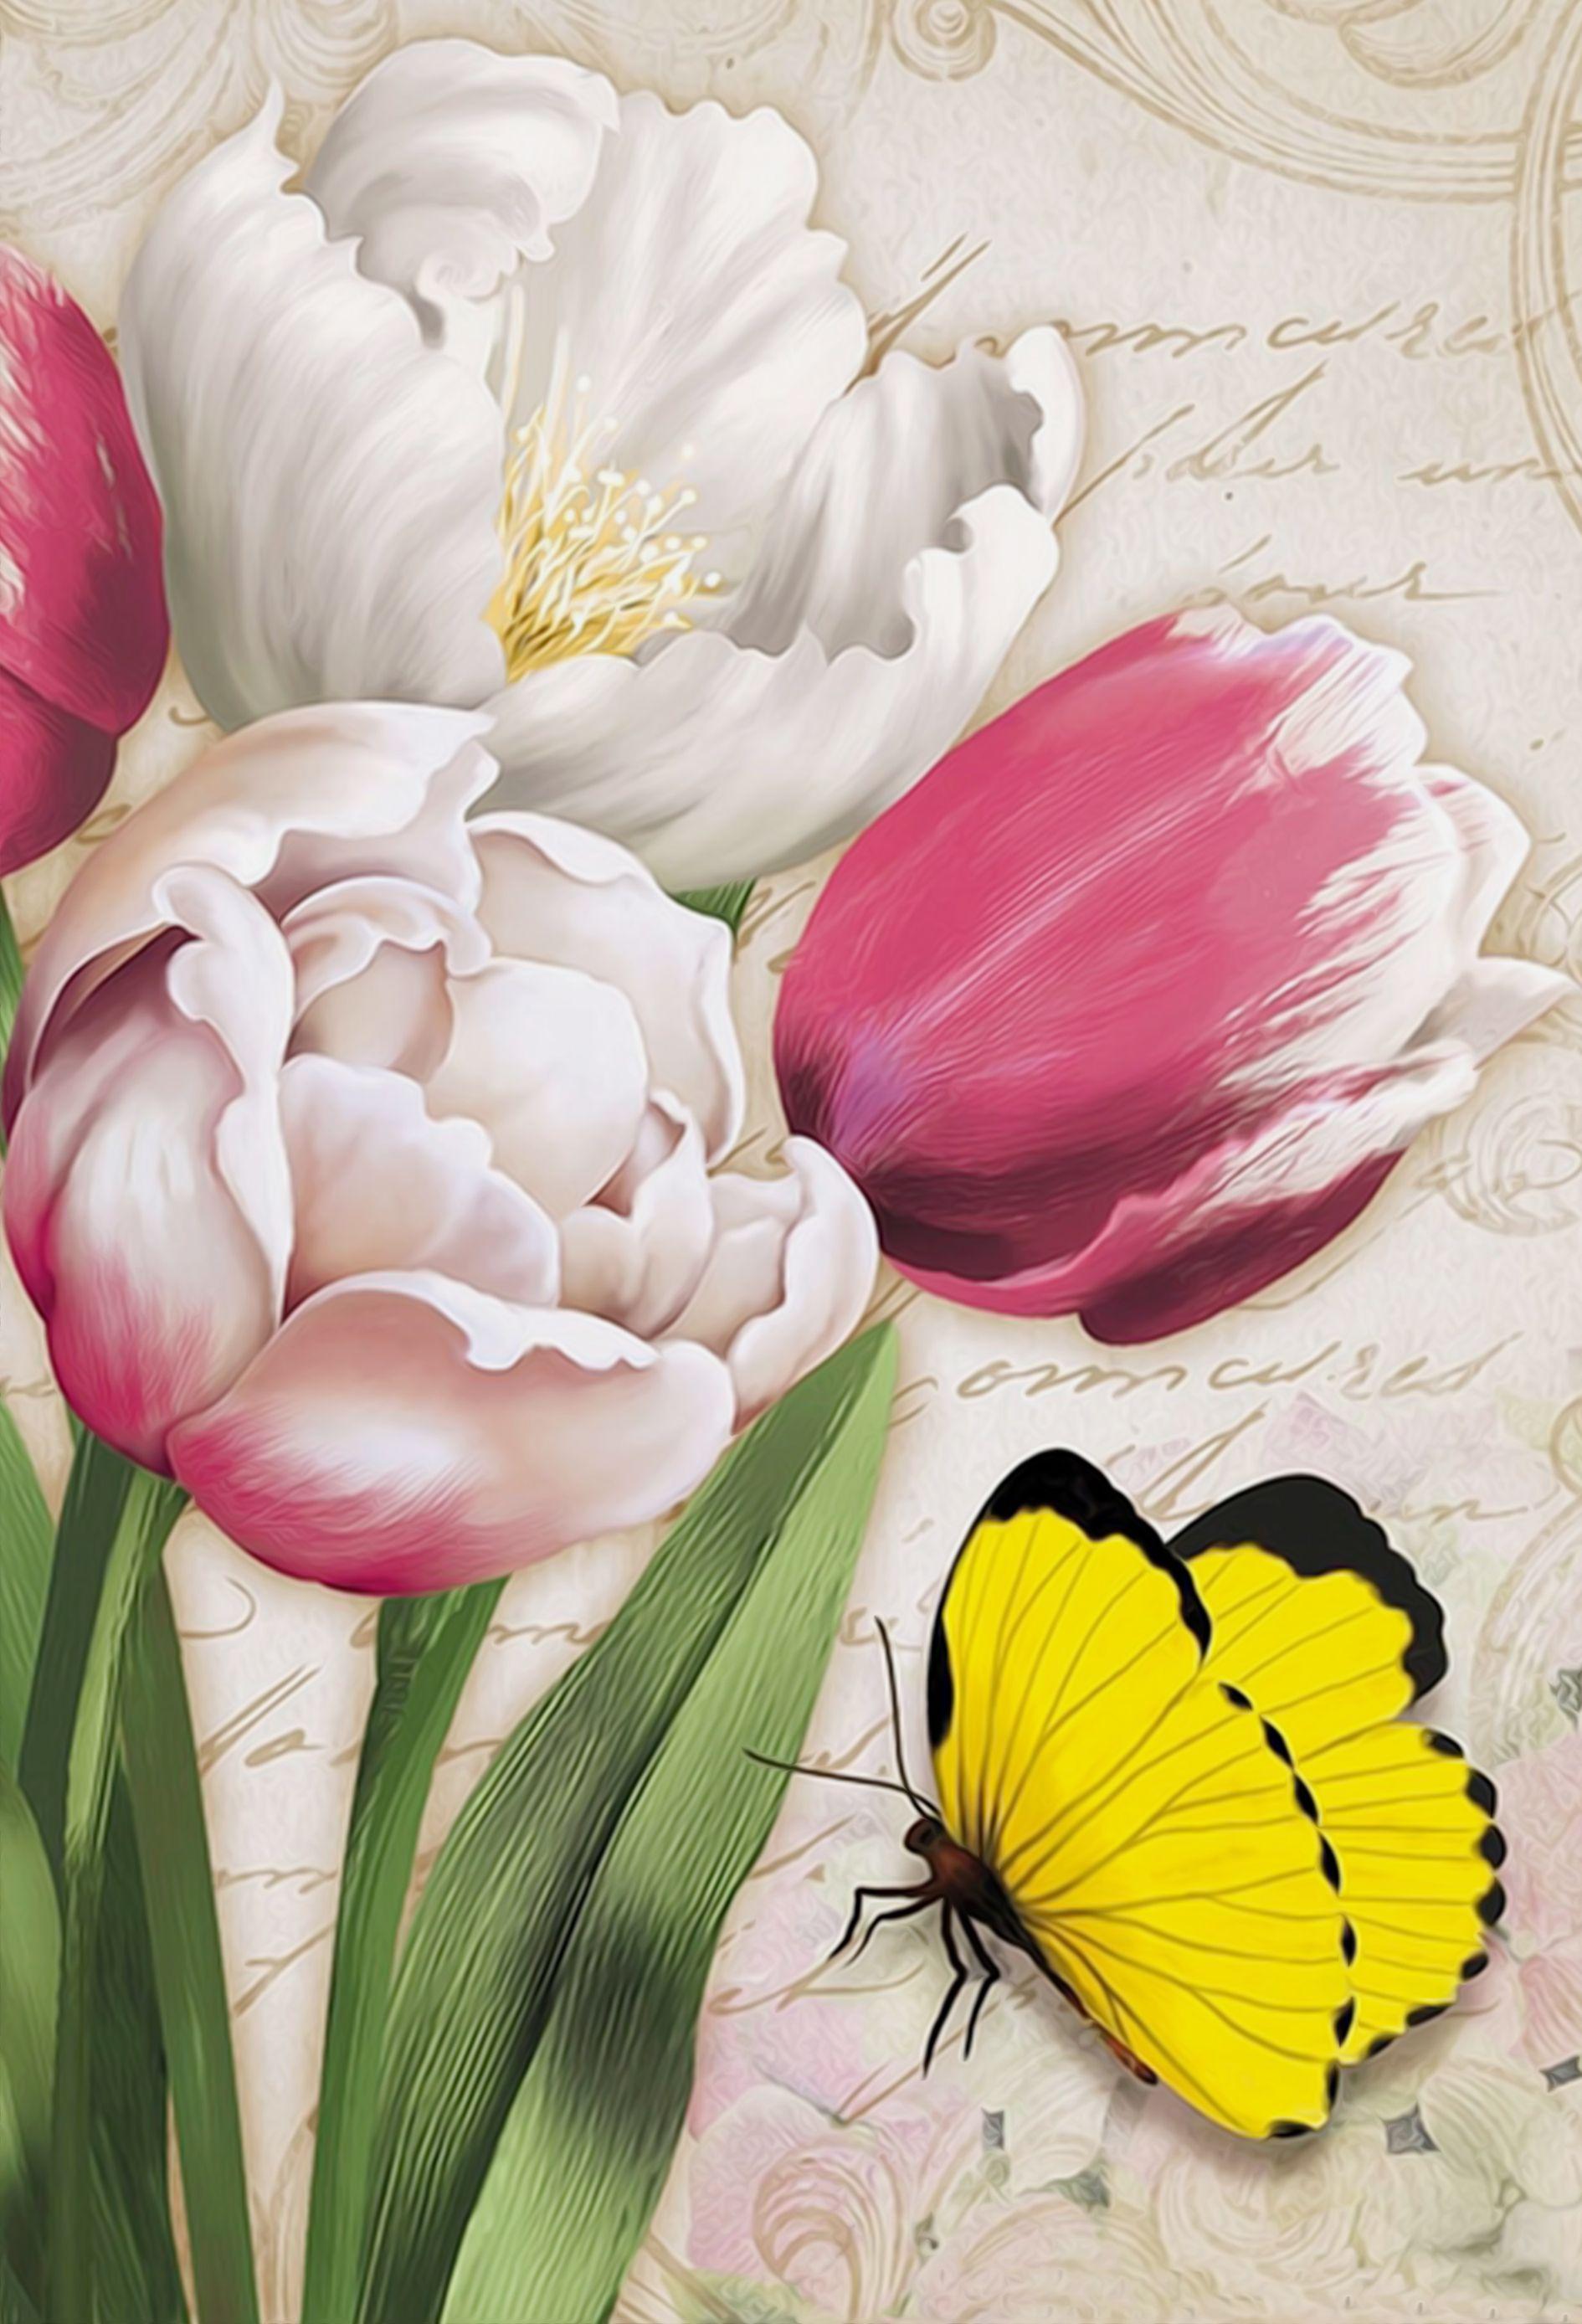 5D DIY Full Drill Pink Flamingo Diamond Painting Cross Stitch Kits Wall Decors